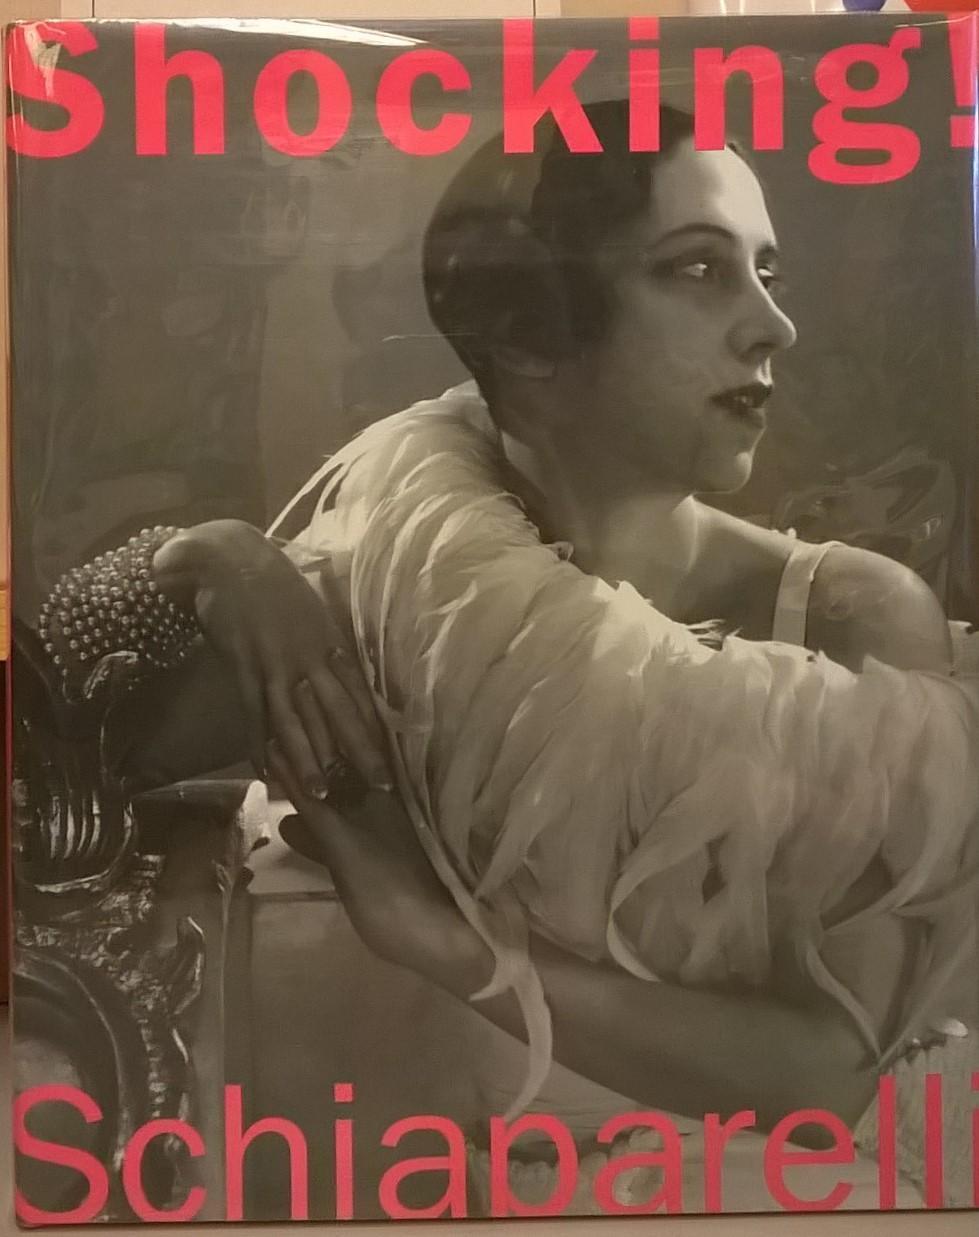 Shocking! The Art and Fashion of Elsa Schiaparelli - Dilys E. Blum